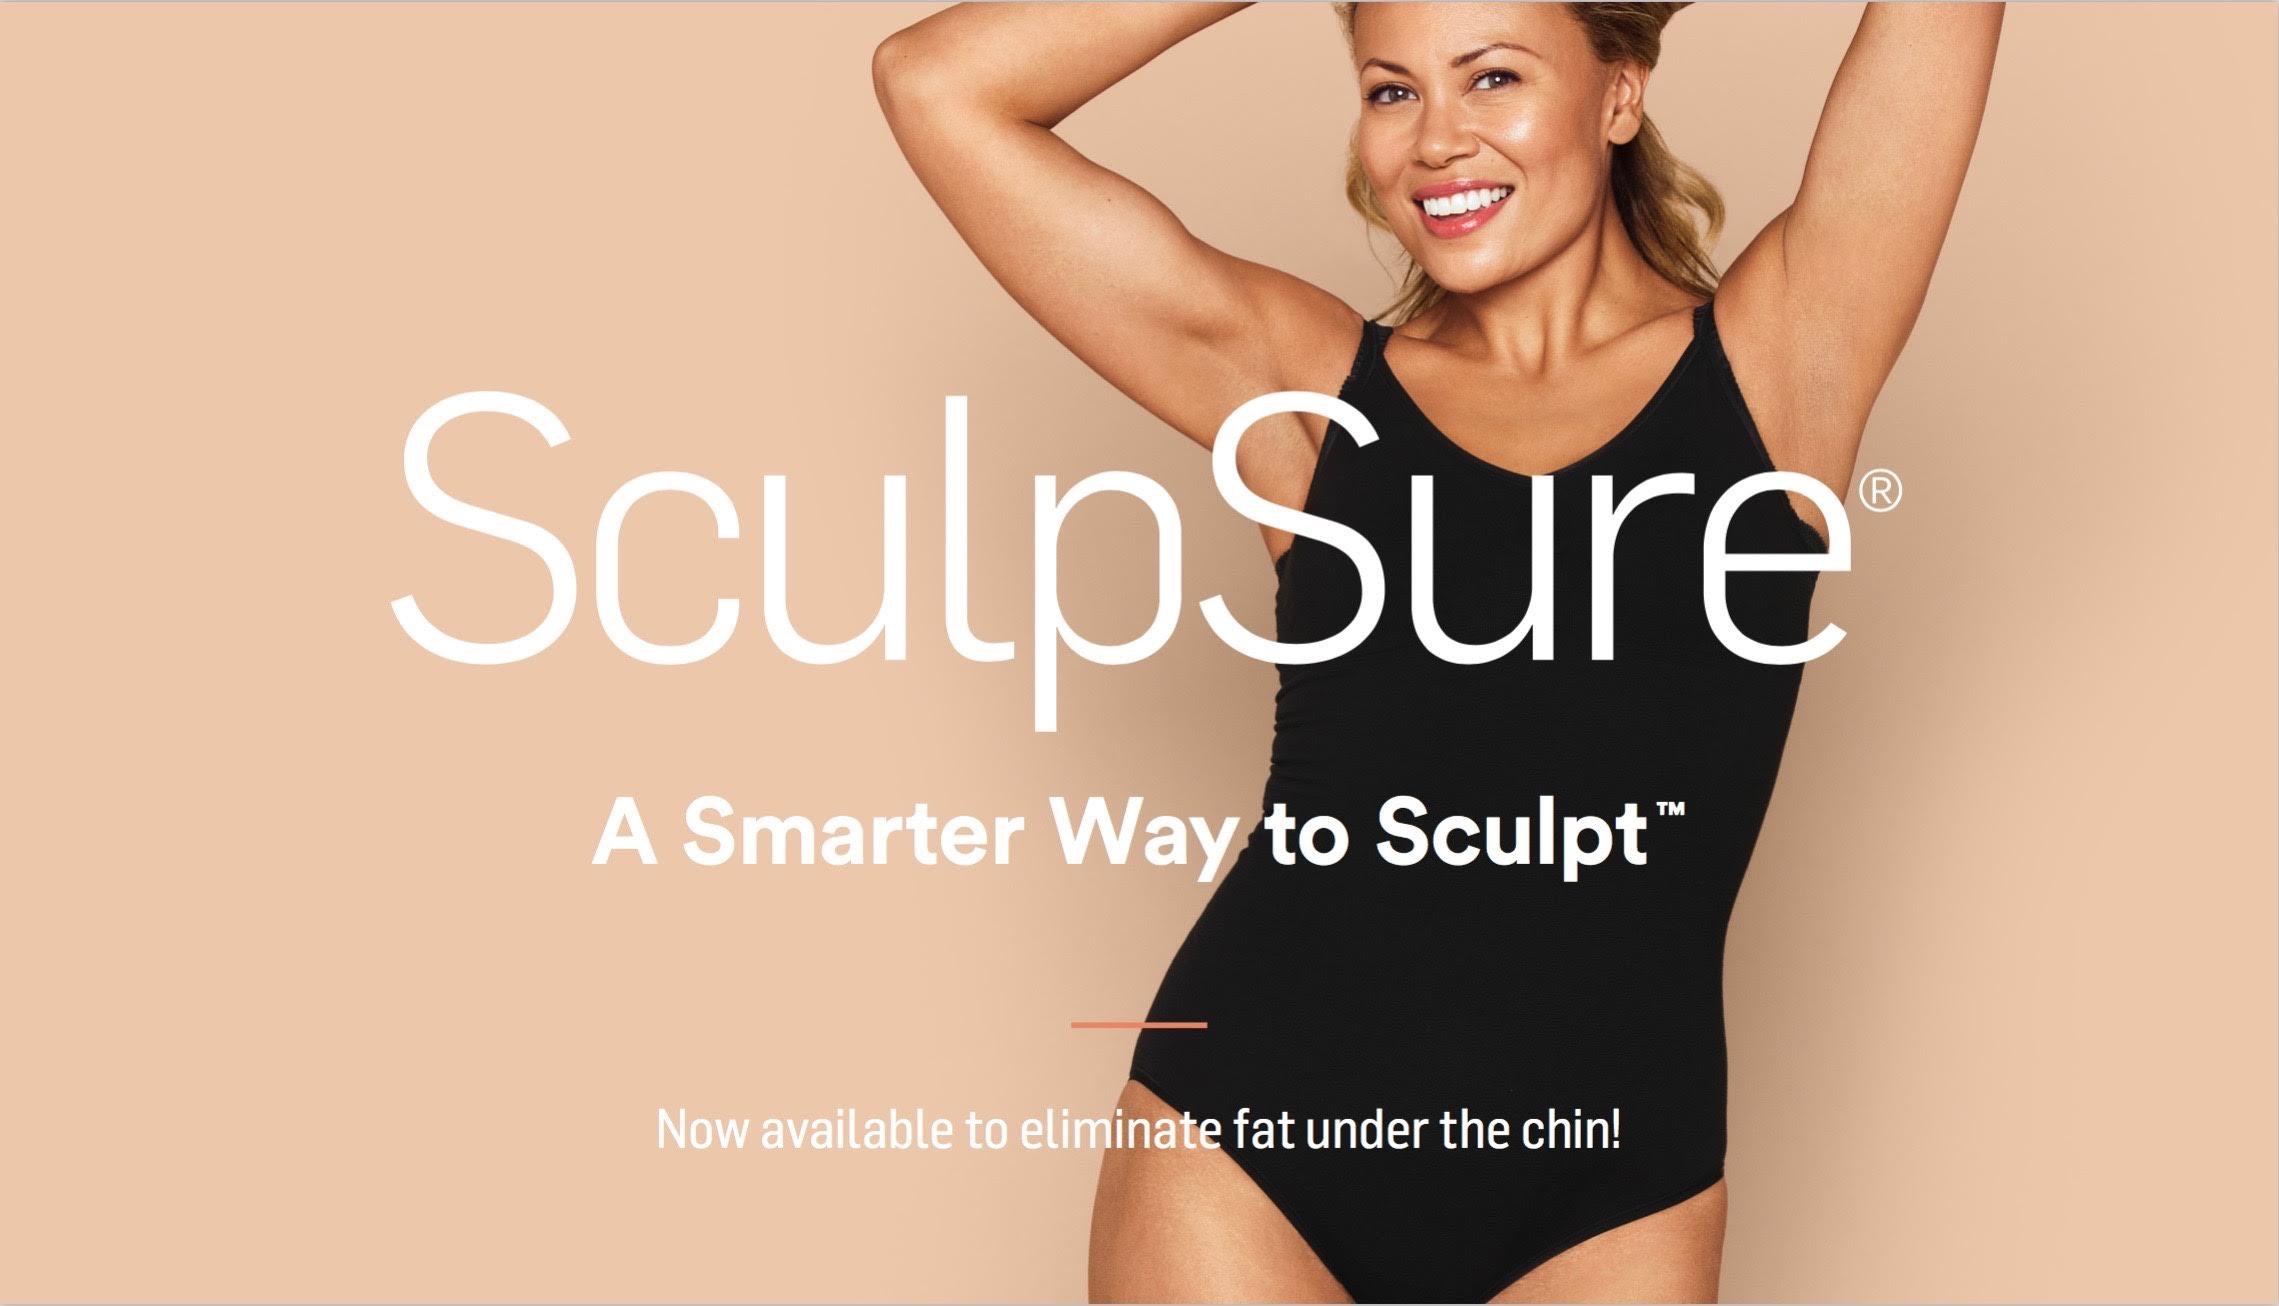 Тело мечты в «Шайнэст»: лазерный липолиз SculpSure